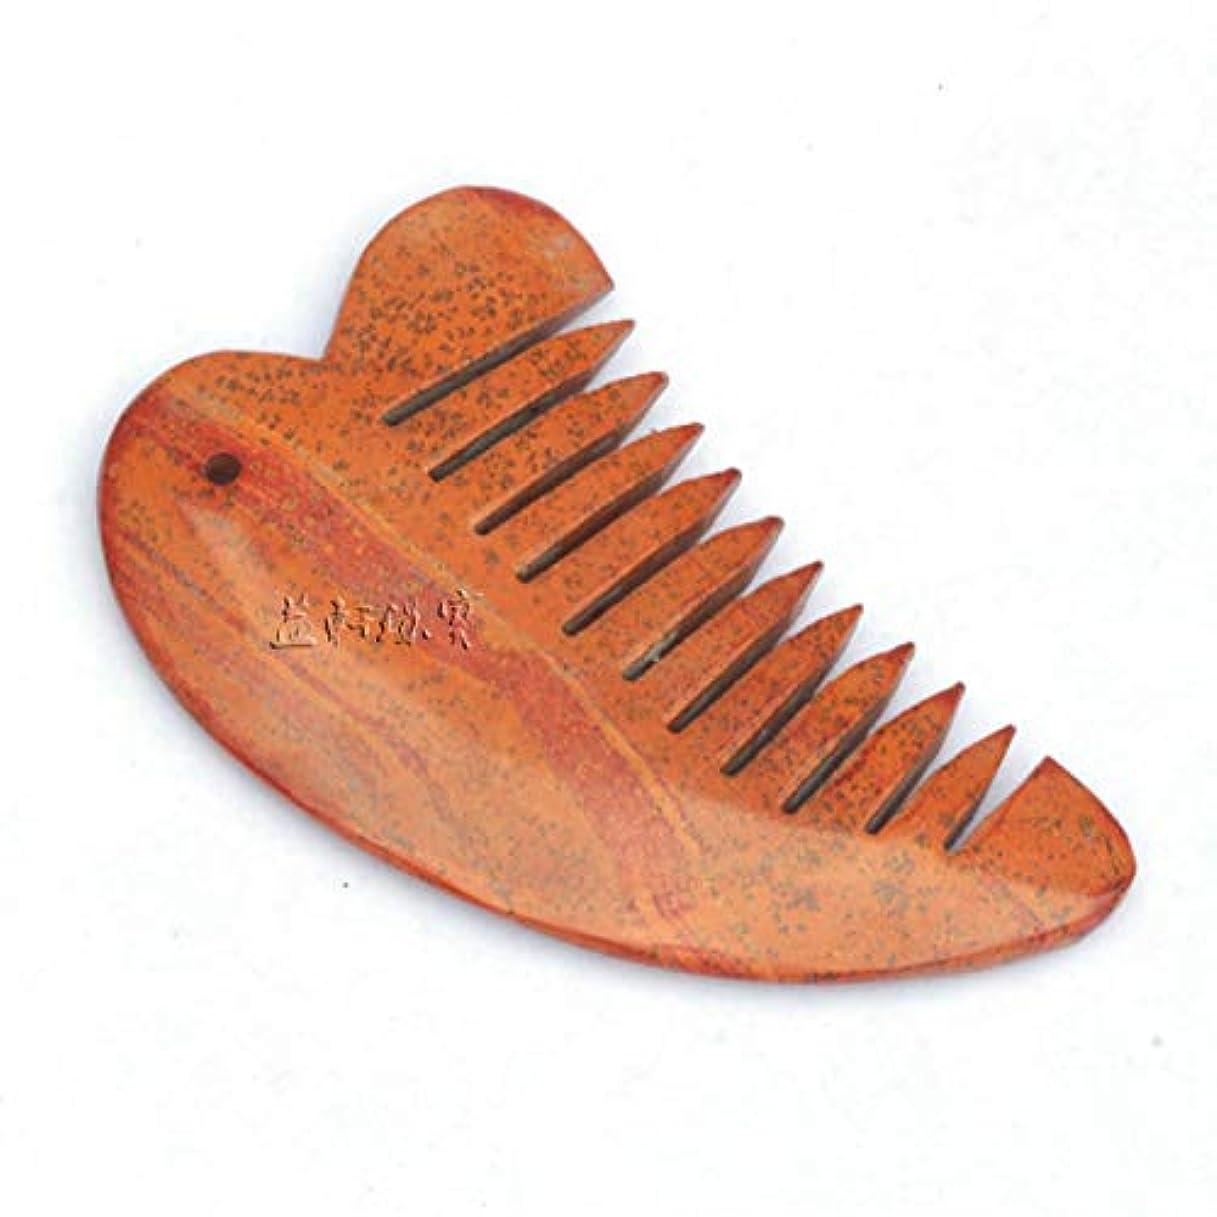 認識手錠亜熱帯カッサ 天然(泗濱浮石)黄石/頭痛?白髪?抜け毛防止 櫛型かっさ板 プレート茶